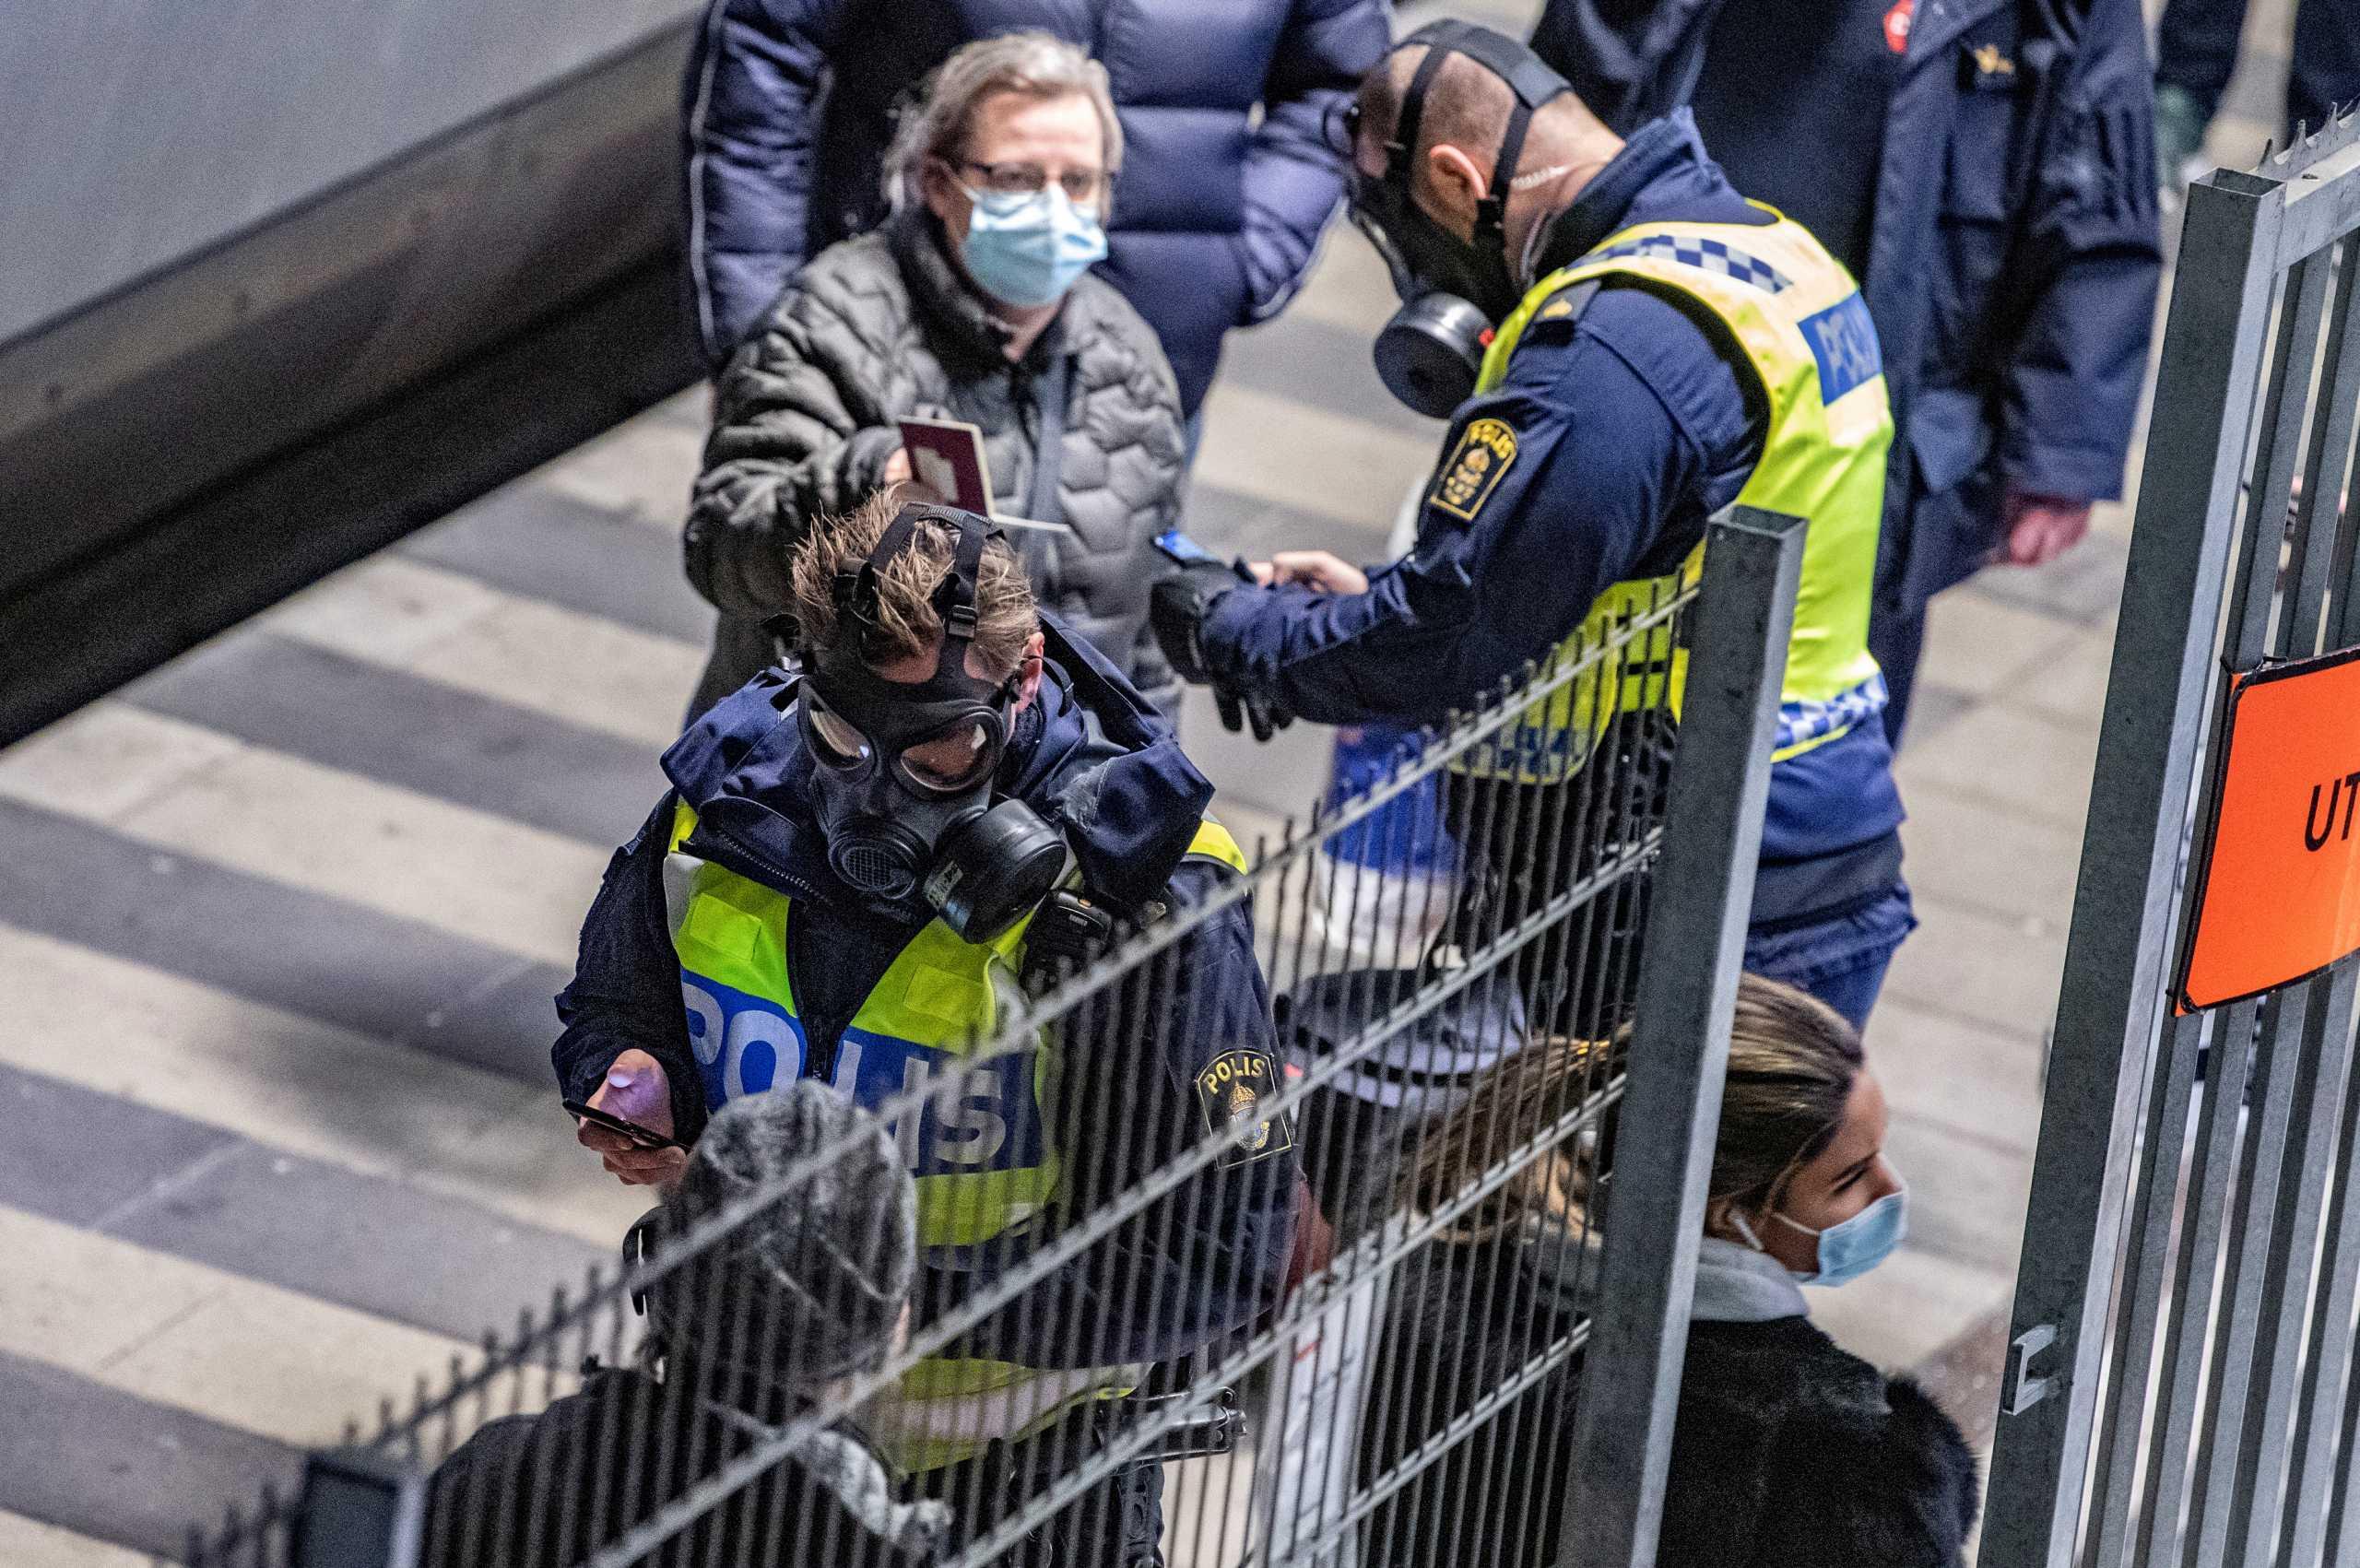 Κορονοϊός – Δανία: Κλείνουν τα σύνορα για τους κατοίκους της Νότιας Αφρικής